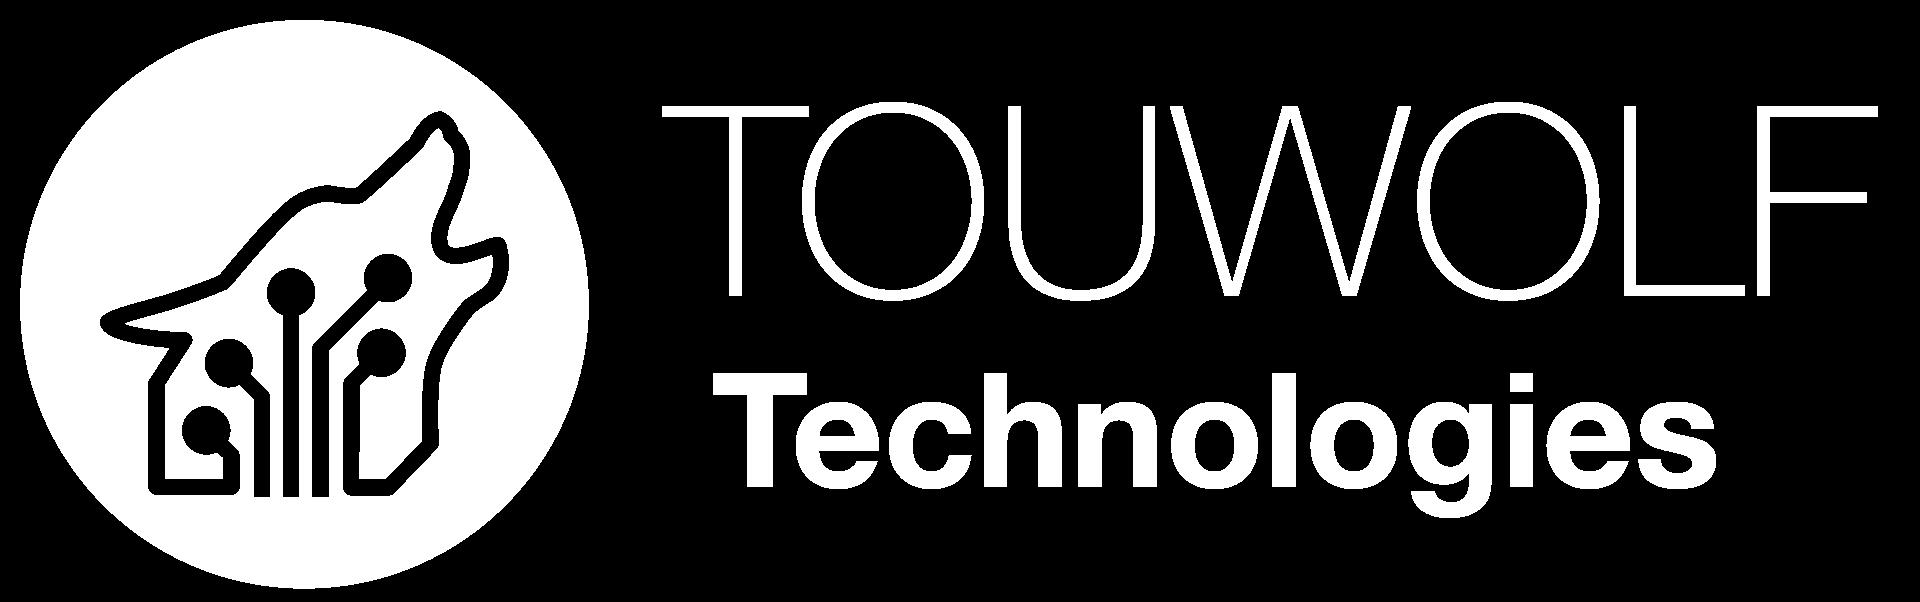 Touwolf Technologies Logo